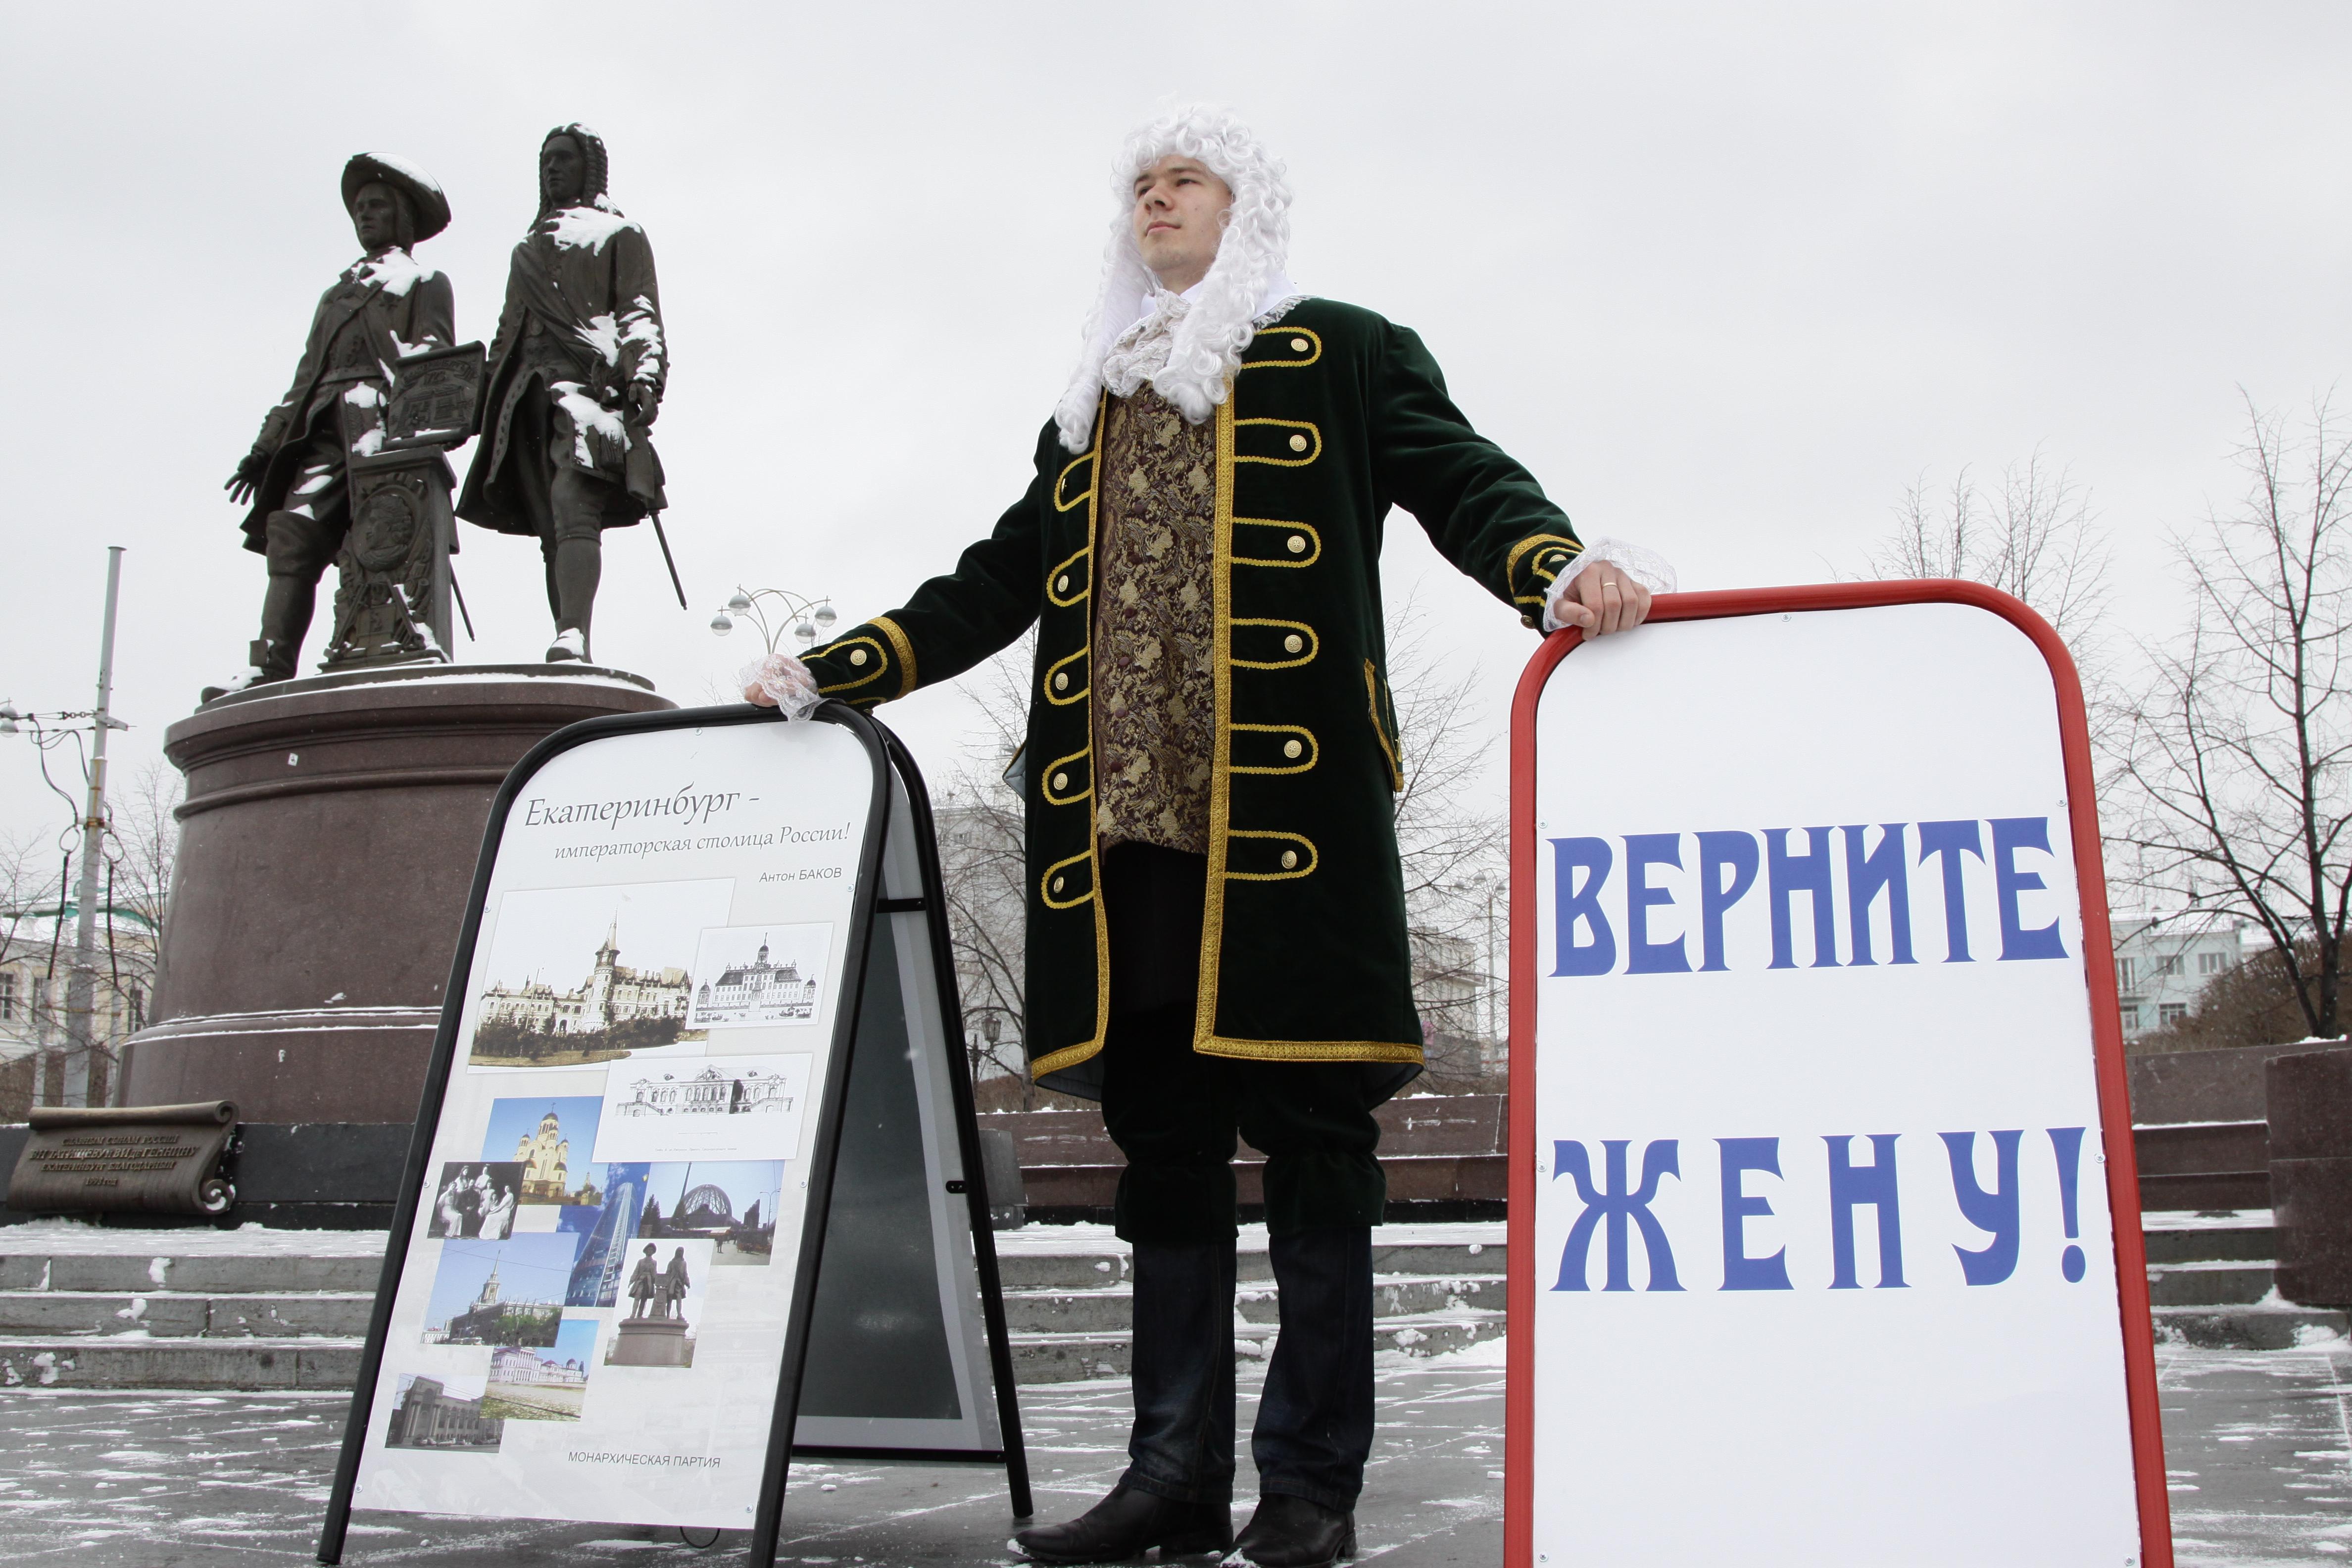 Антон Баков нанял Петра Первого для сбора подписей